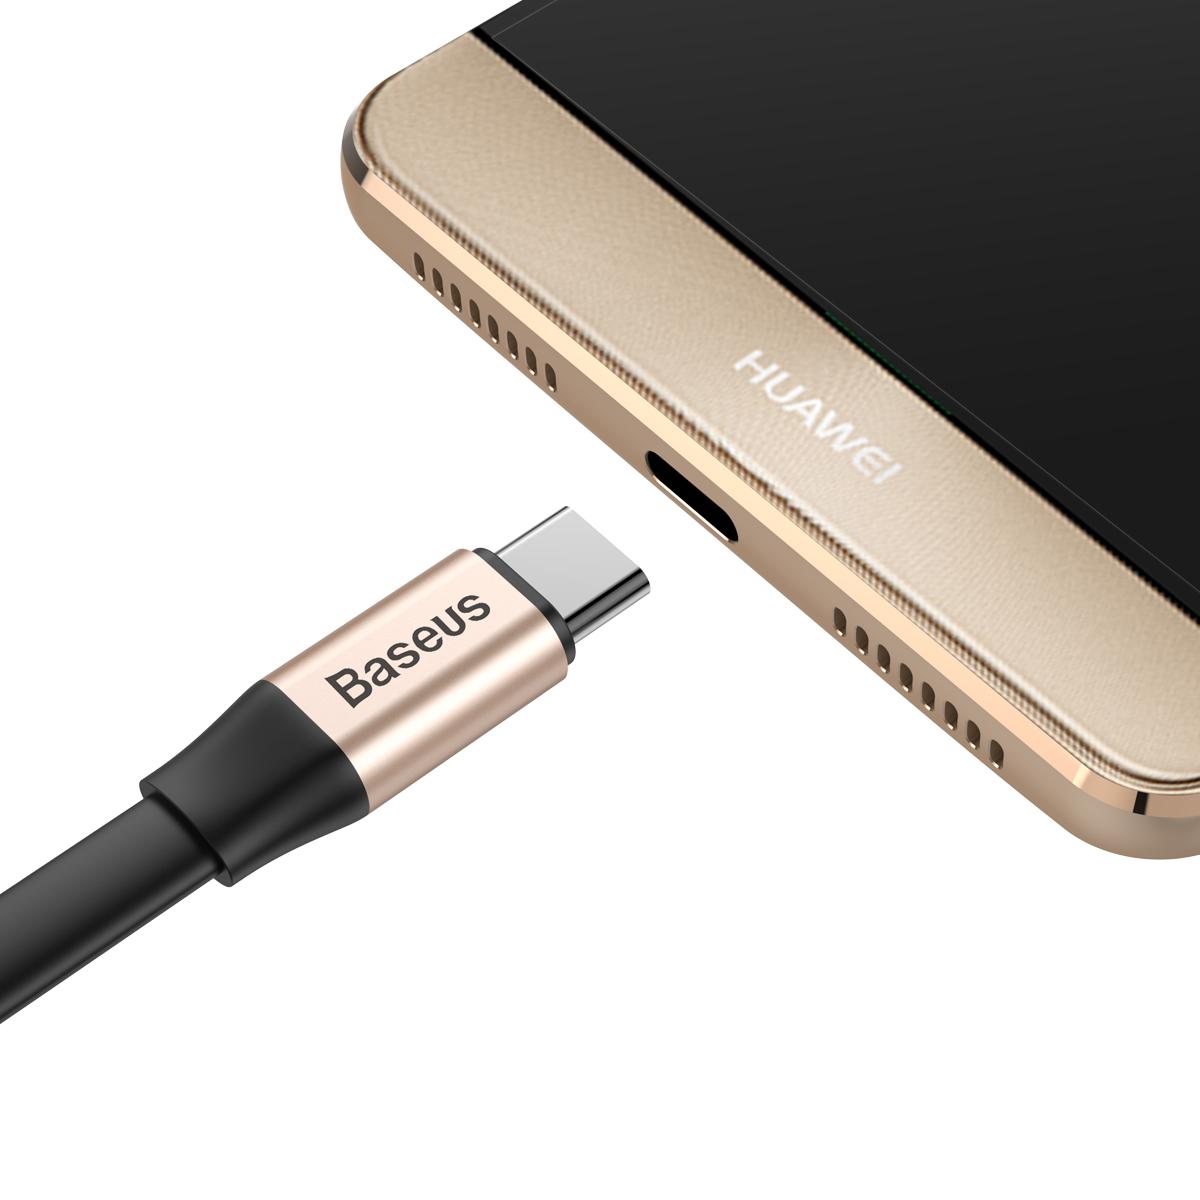 Cáp sạc và truyền dữ liệu tốc độ cao USB Type C  6